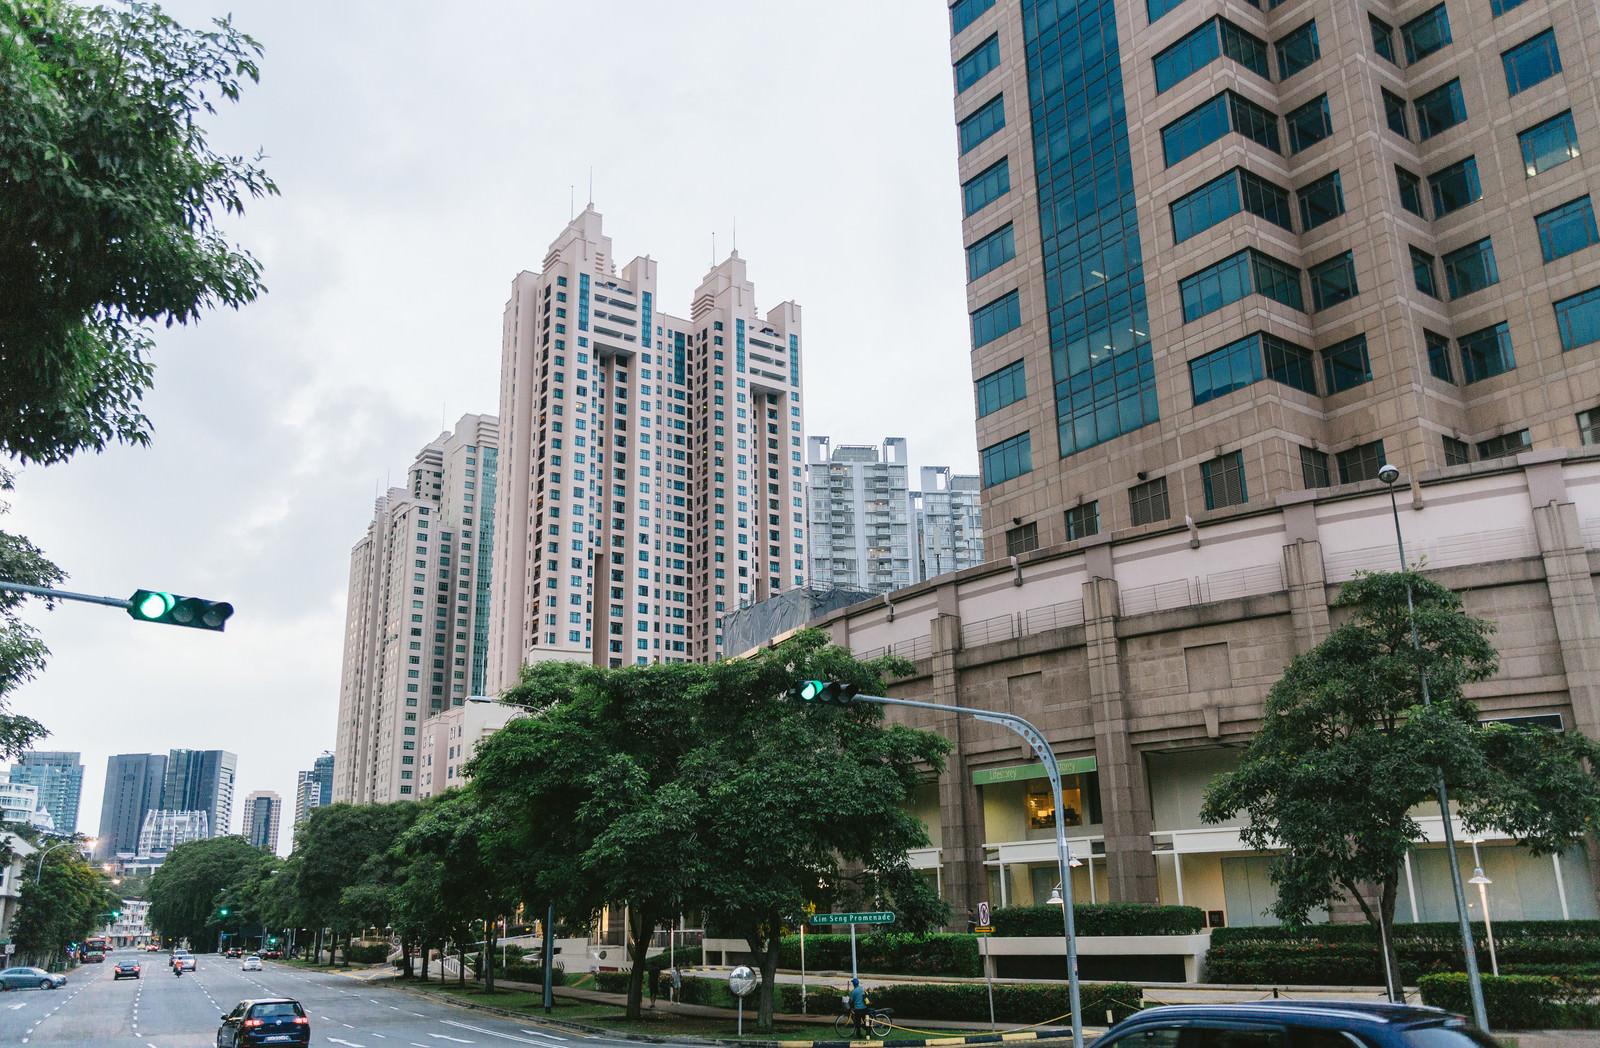 「高層マンションが立ち並ぶシンガポールの街並み」の写真